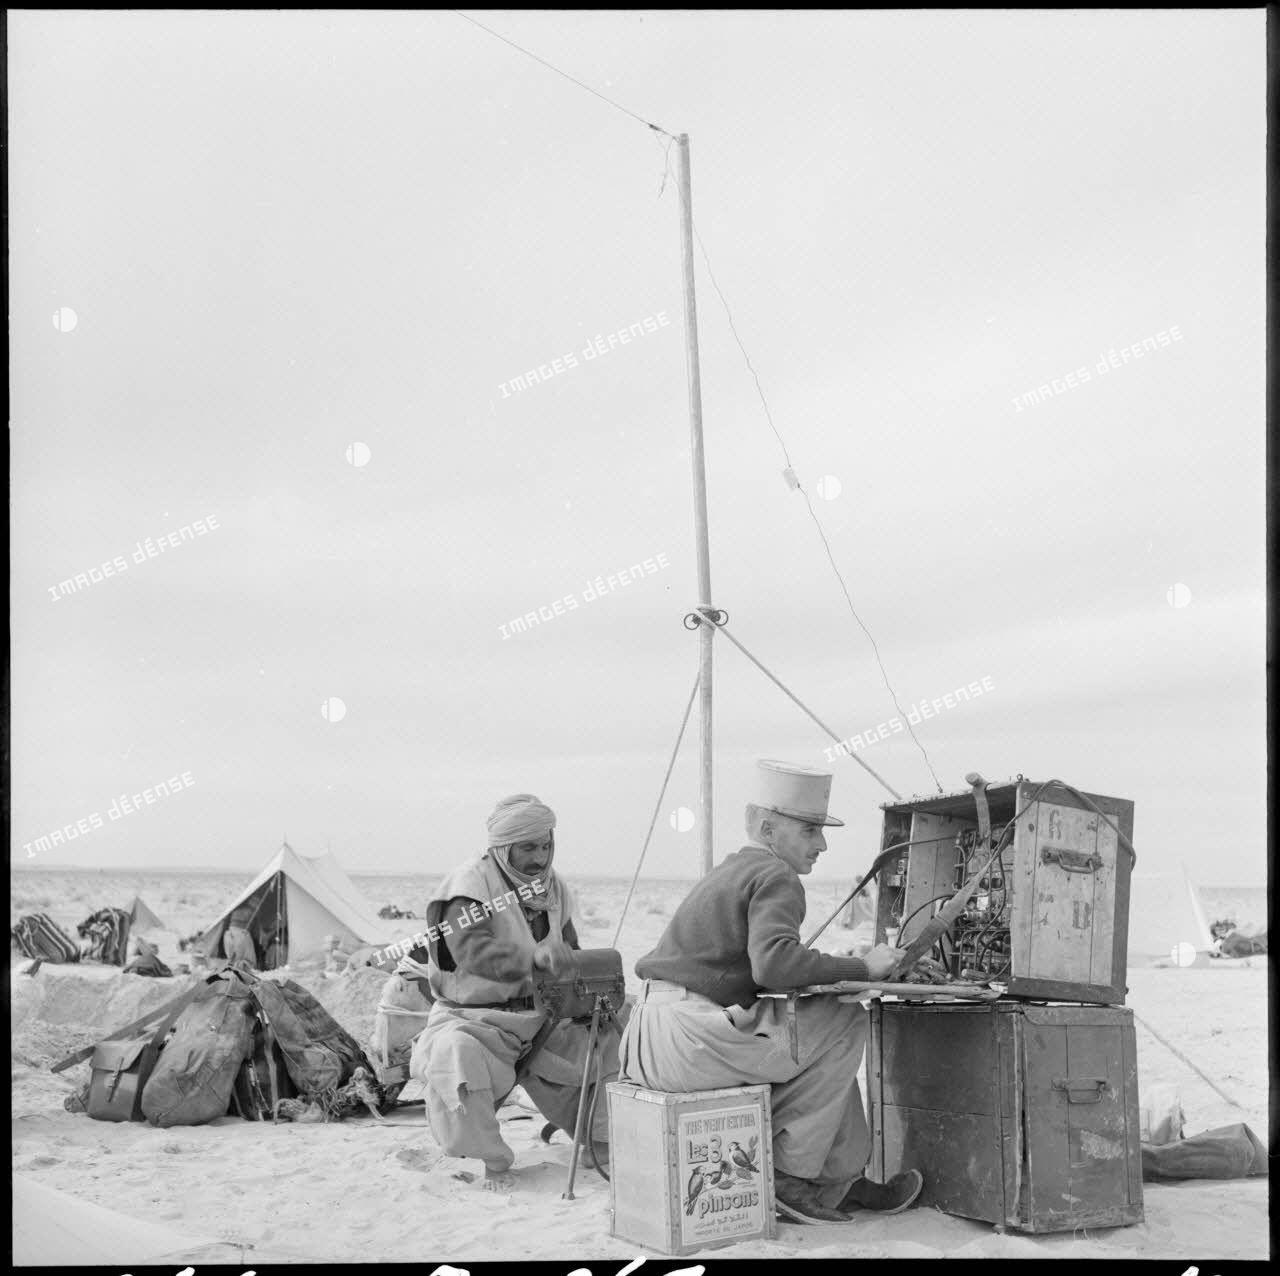 Le lieutenant de la compagnie méhariste de l'erg oriental (CMEO) en mission de transmission dans un campement près d'El Oued.